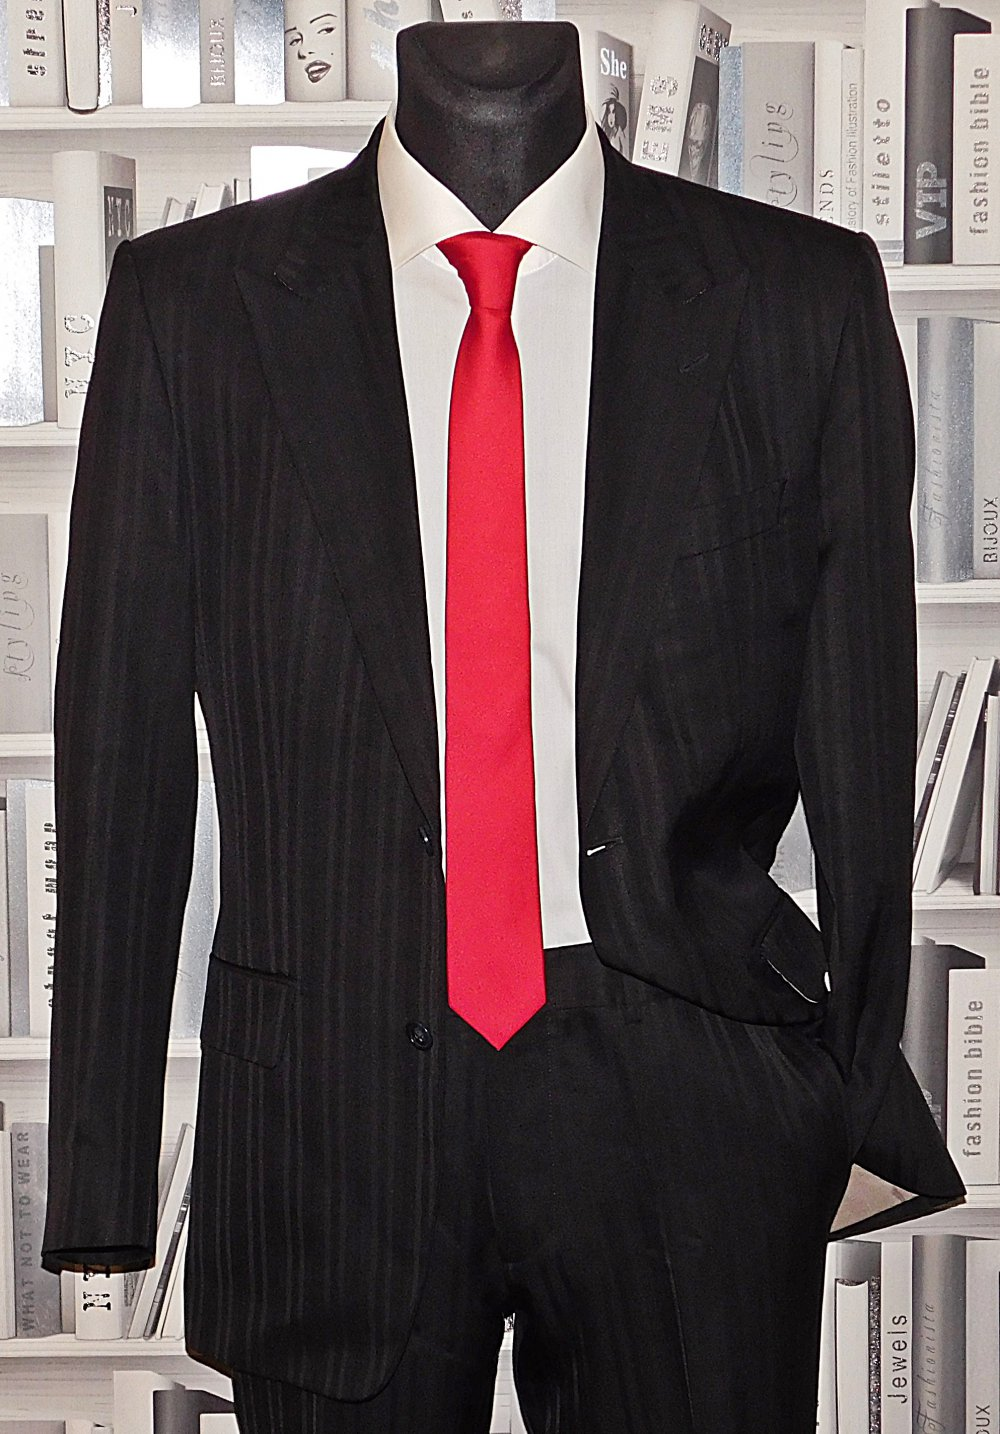 HUGO BOSS RED LABEL Anzug 46 Sakko Hose Hochzeit